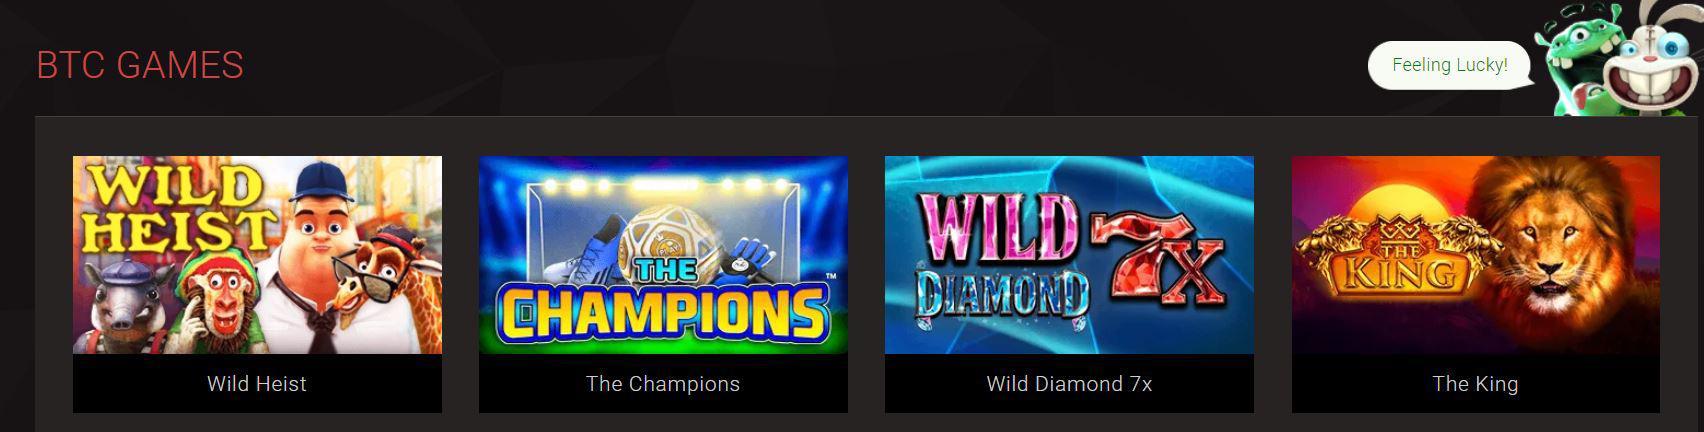 BTC Games